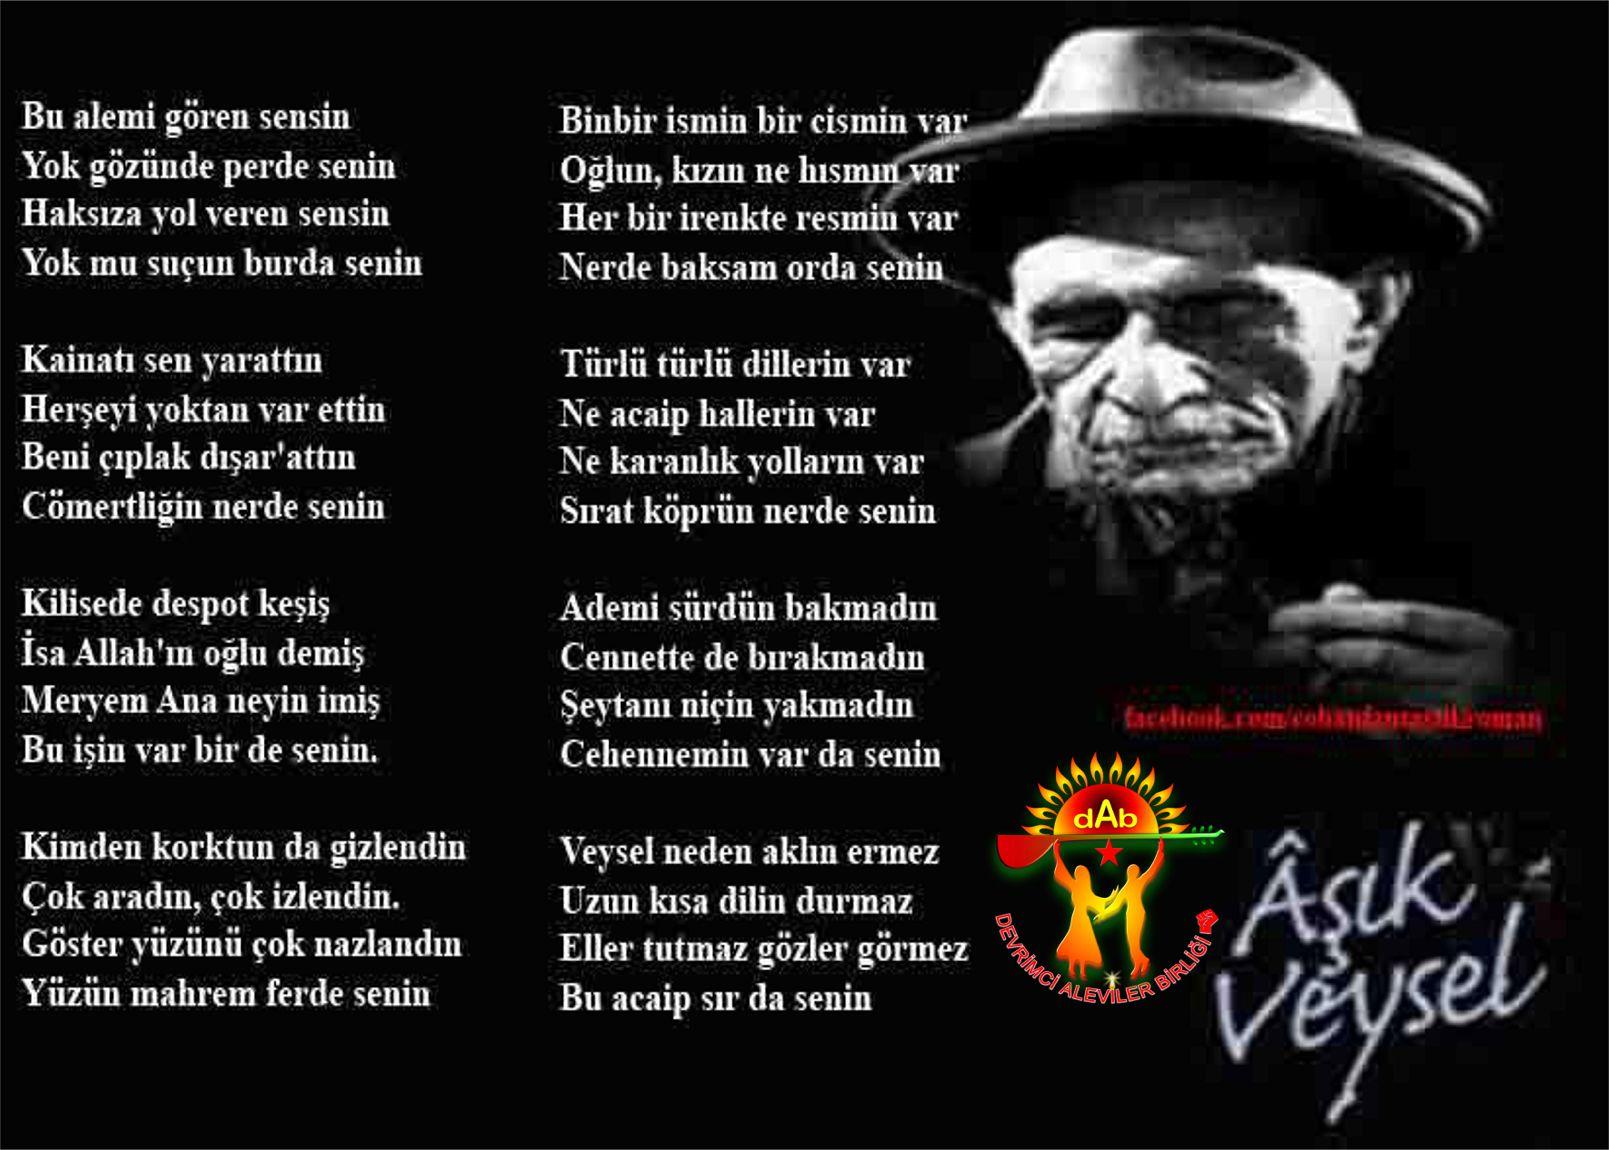 Alevi Bektaşi Kızılbaş Pir Sultan Devrimci Aleviler Birliği DAB veysel1